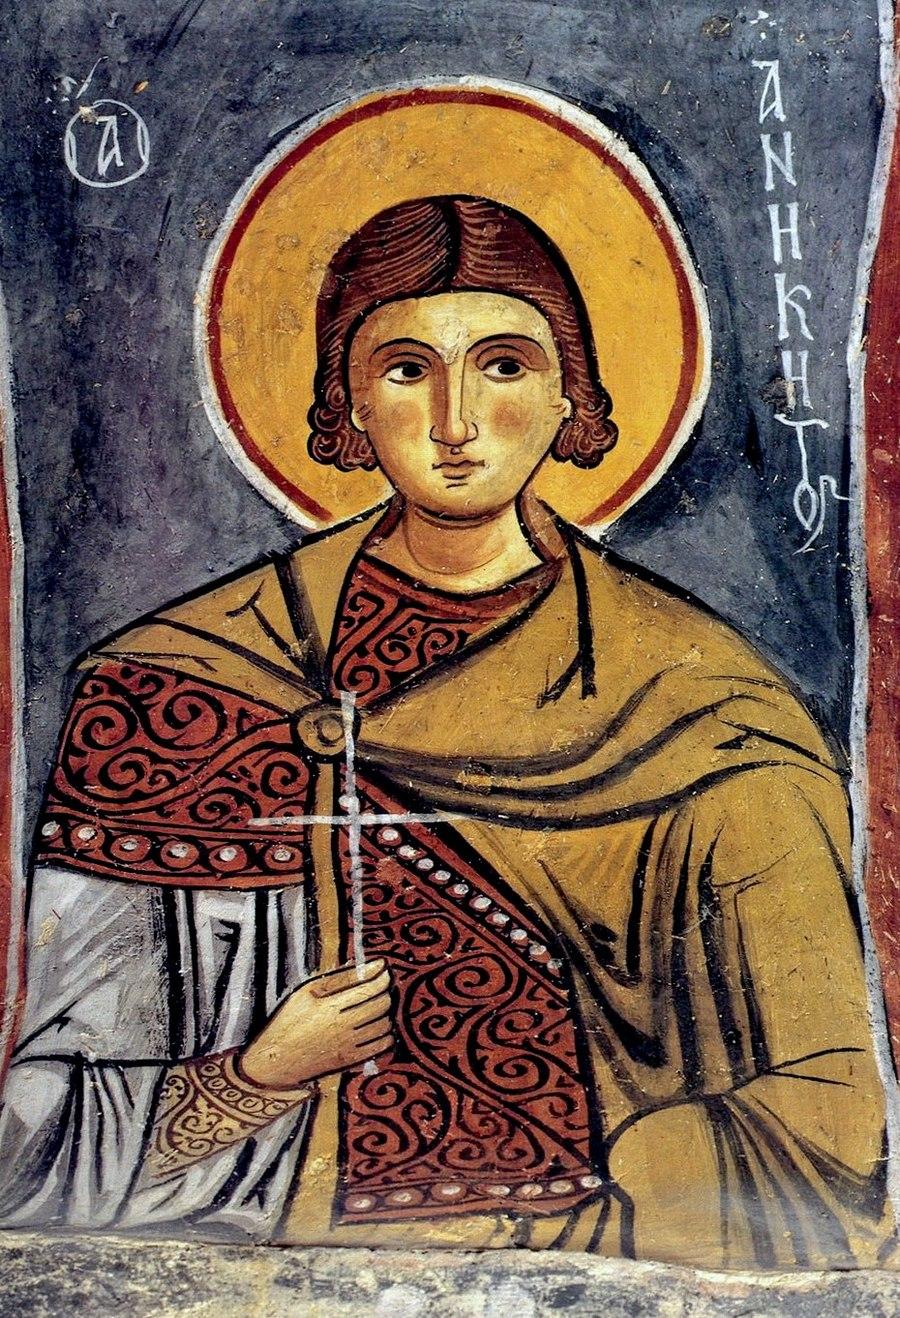 Святой Мученик Аникита Никомидийский. Византийская фреска. Каппадокия.